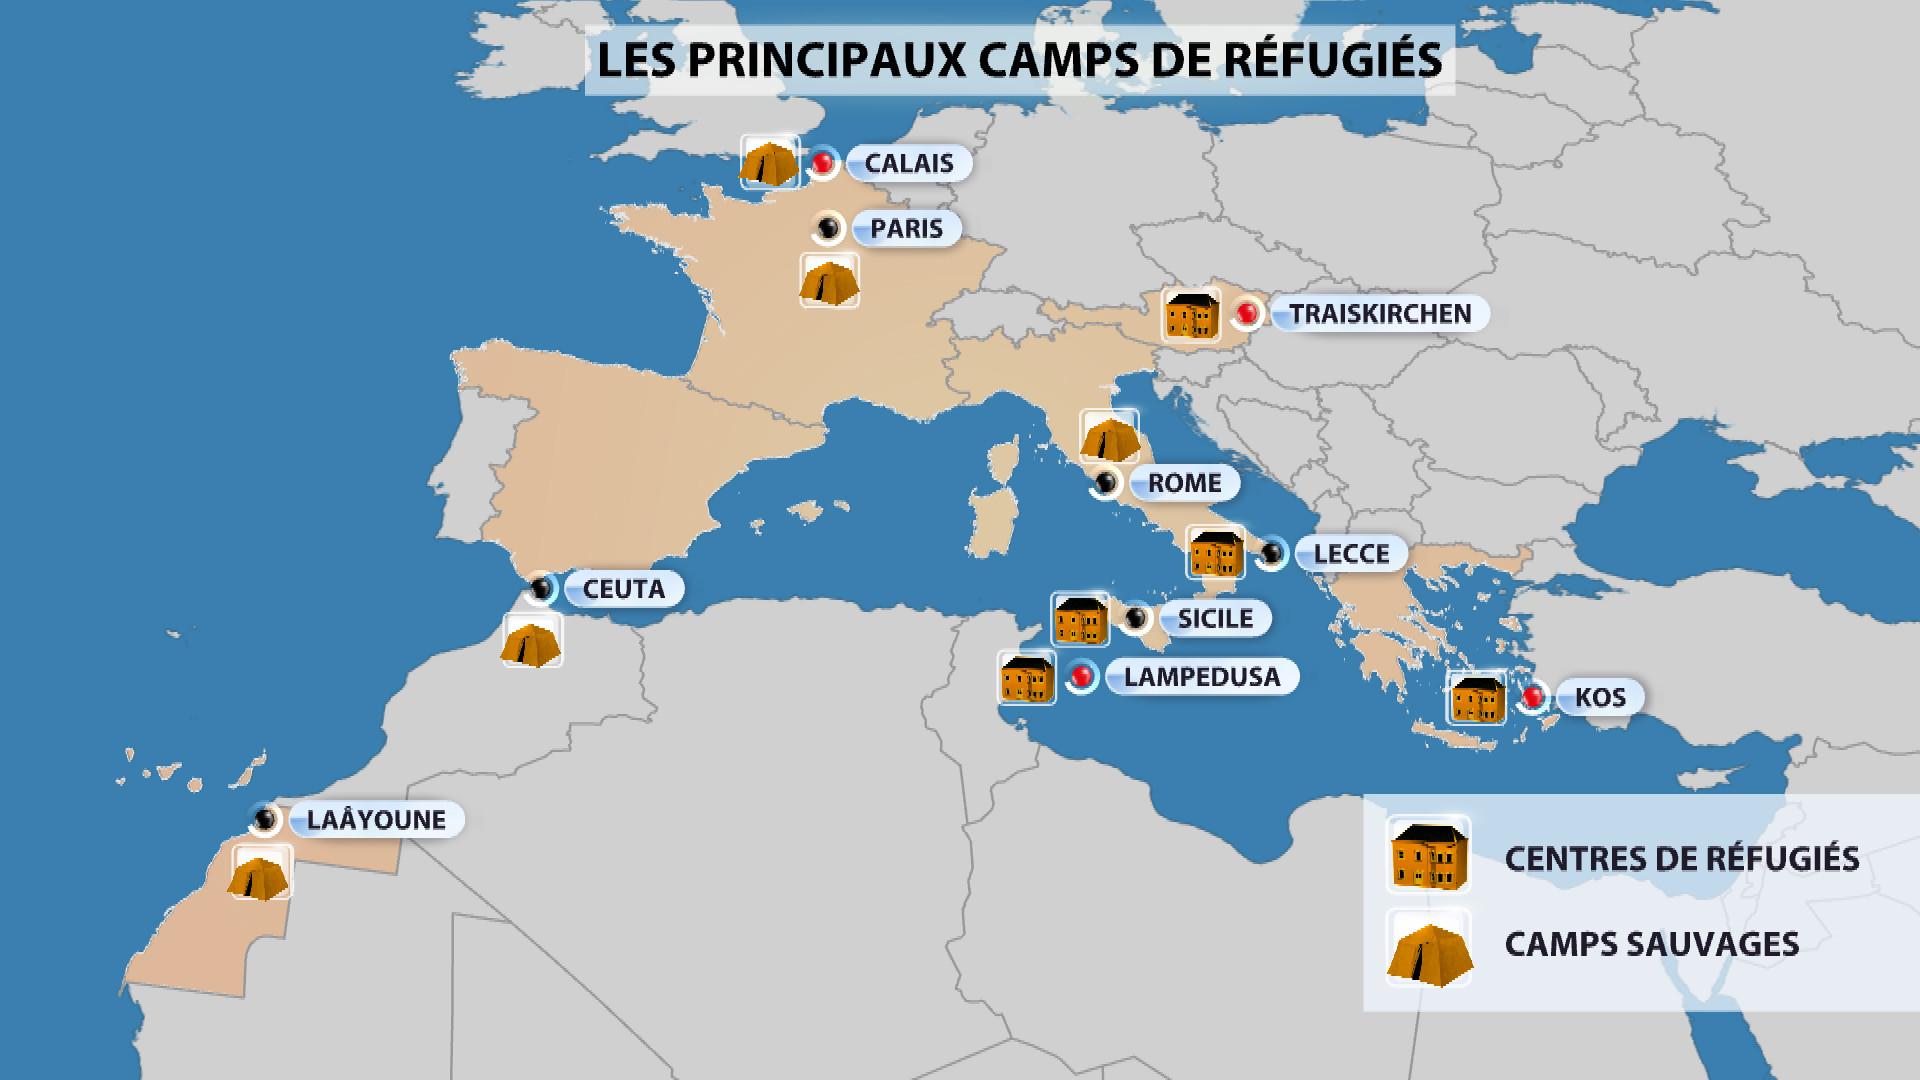 Les principaux centres de réfugiés en Europe